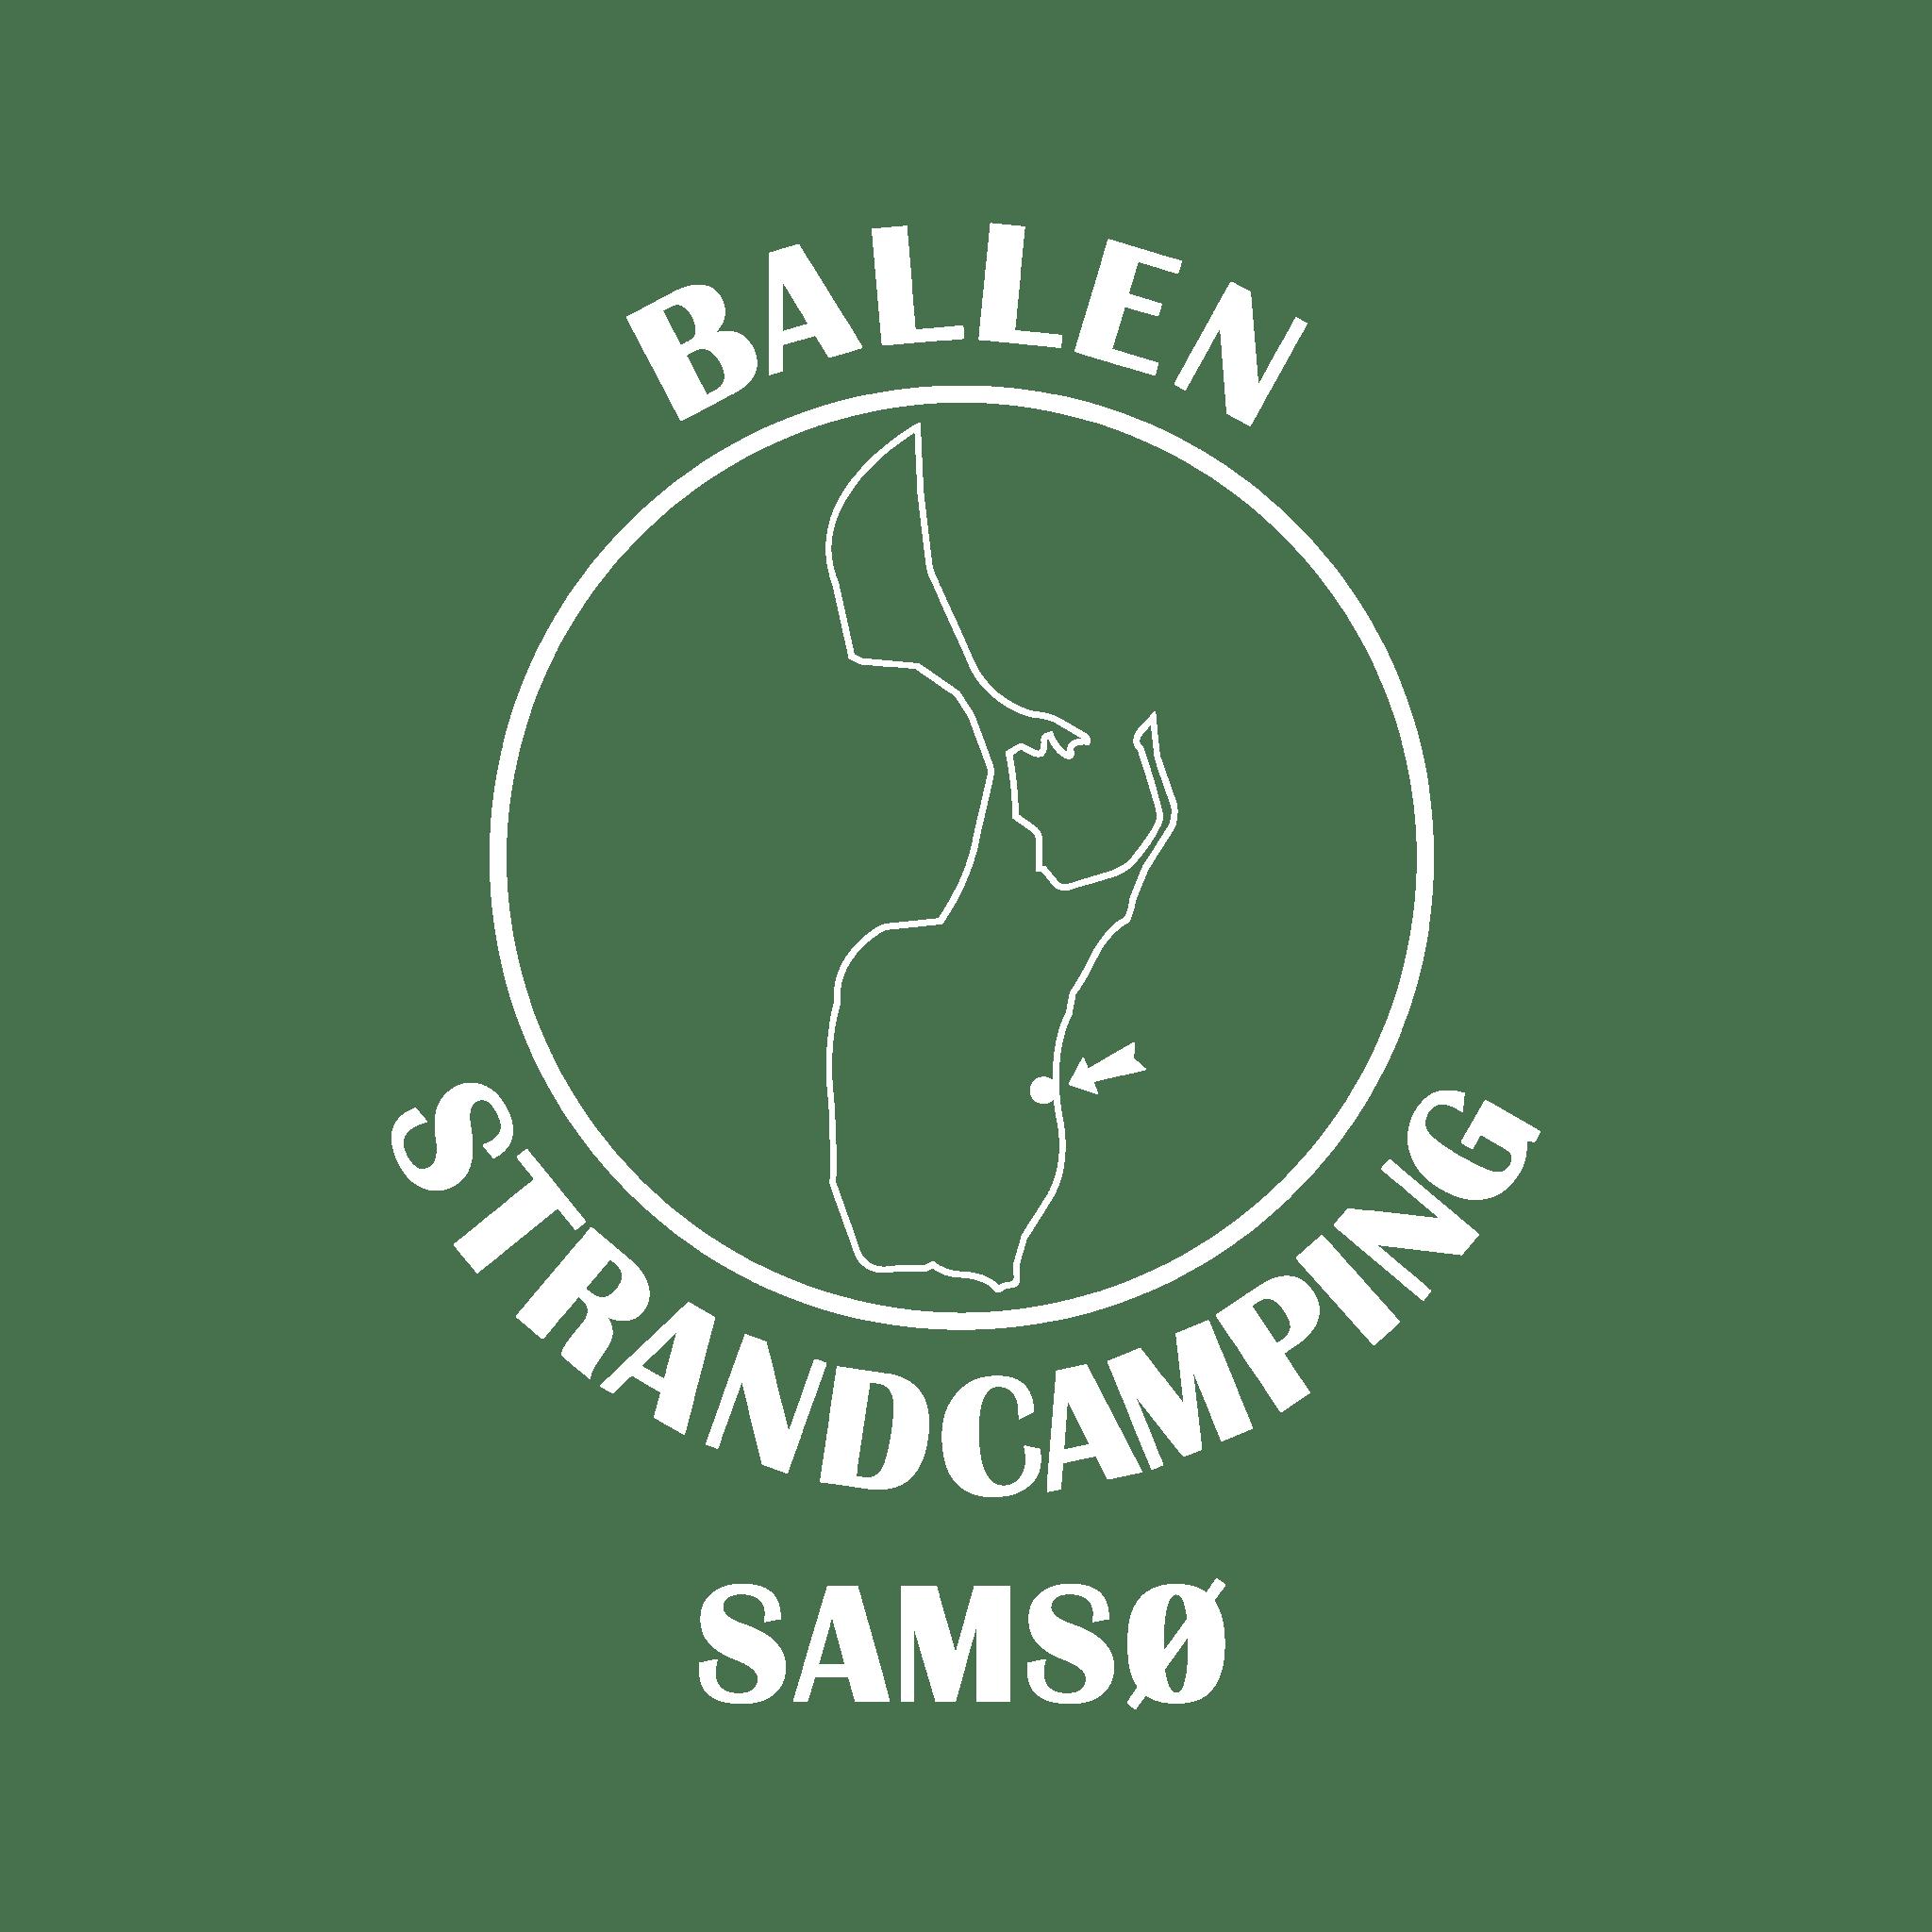 ballen-strandcamping-logo_hvid